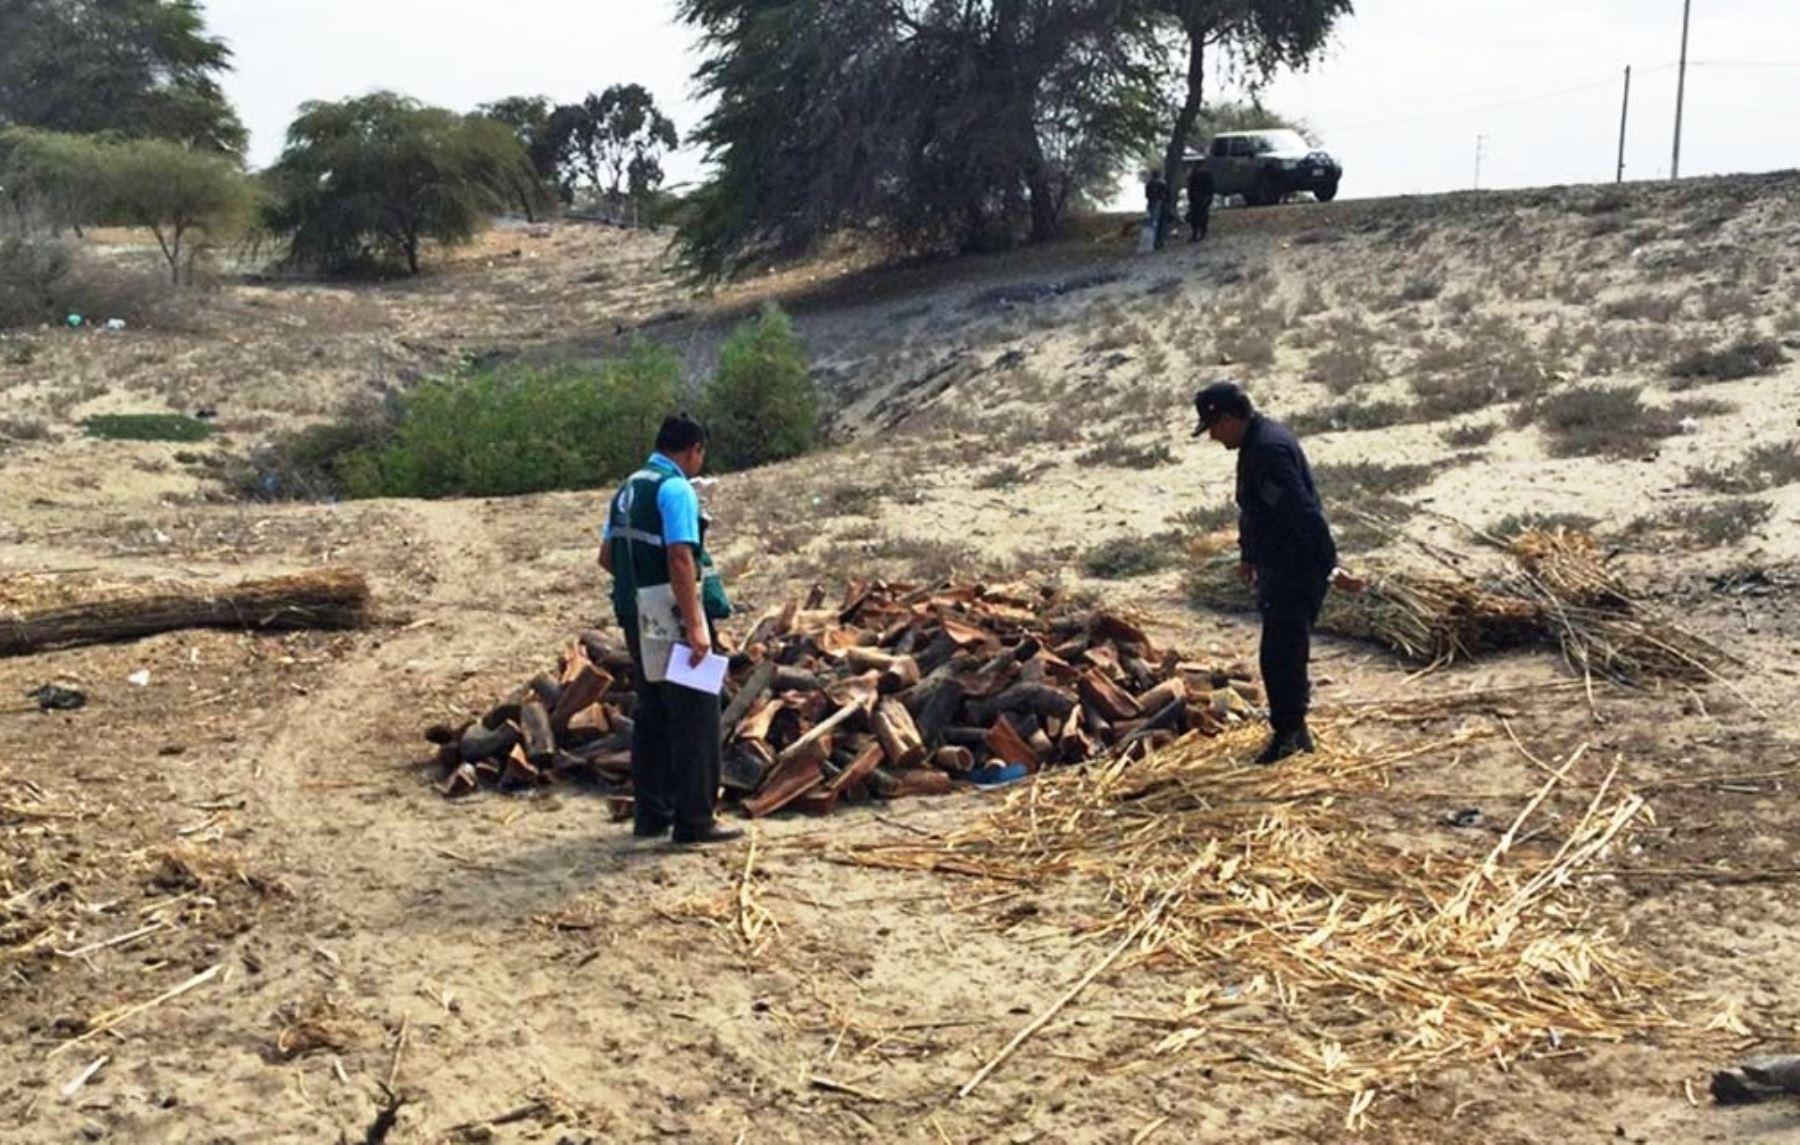 Evalúan nuevas estrategias para frenar la deforestación de bosques secos en Piura. ANDINA